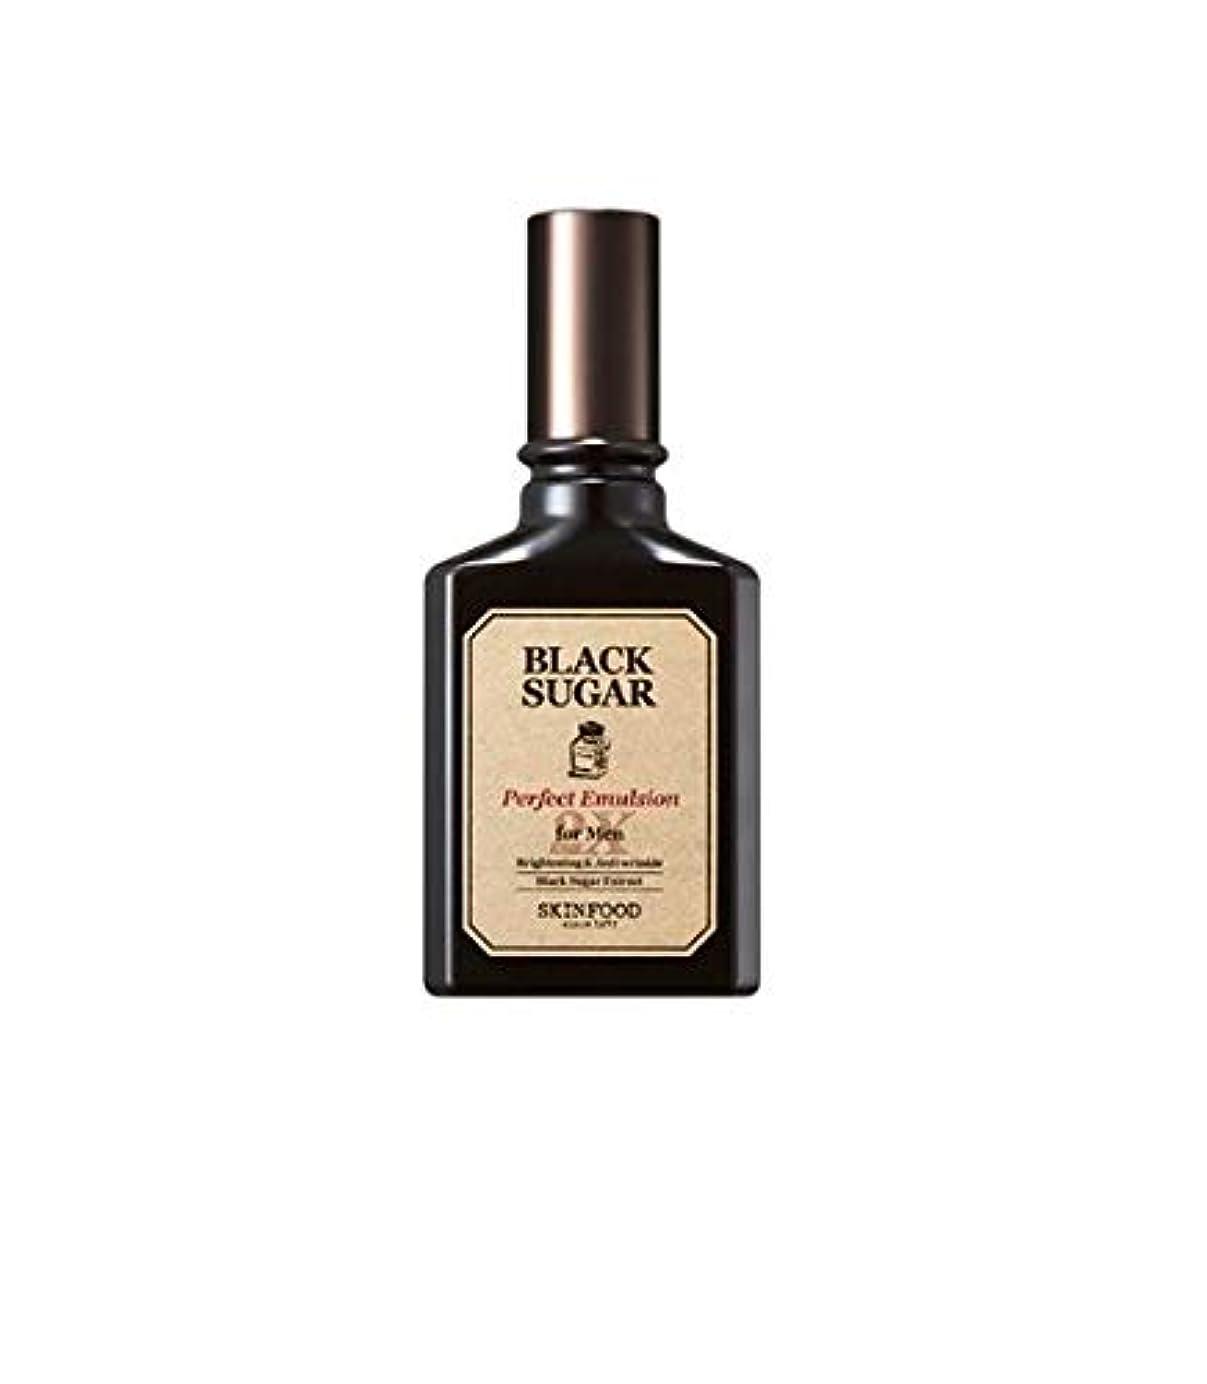 伝統環境に優しい飼い慣らすSkinfood 男性用ブラックシュガーパーフェクトエマルジョン2X / Black Sugar Perfect Emulsion 2X for Men 150ml [並行輸入品]